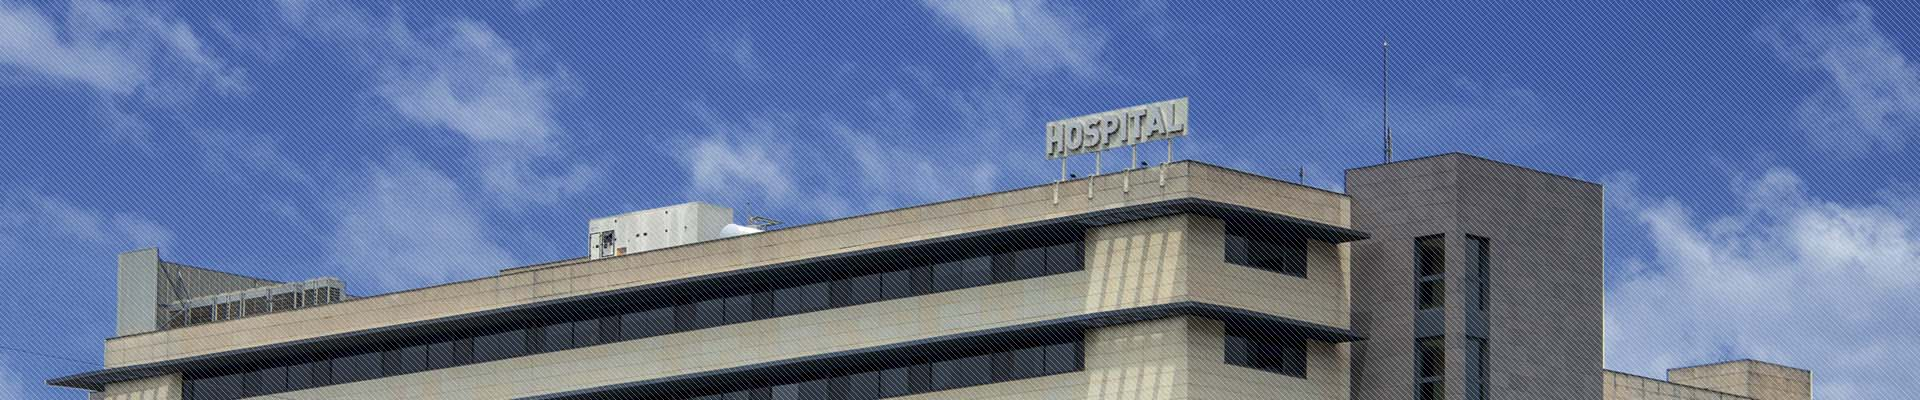 Foto-Hospital-de-Martorell-Capçalera_1920px